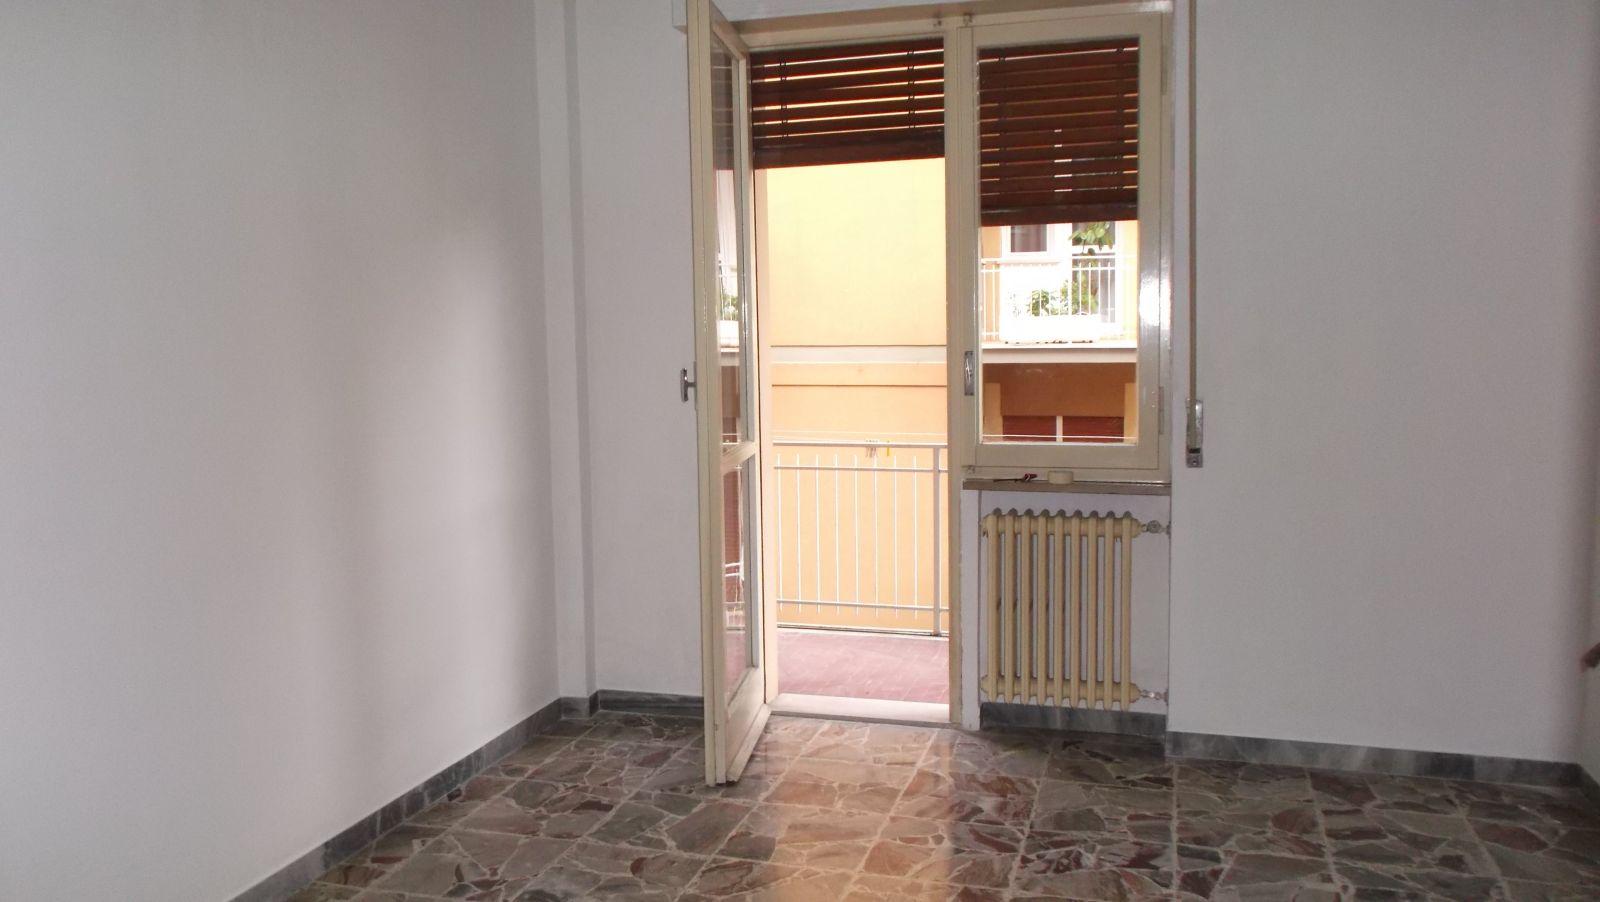 Appartamento in vendita in via guido rosato a lanciano 7646666 - Agenzie immobiliari lanciano ...